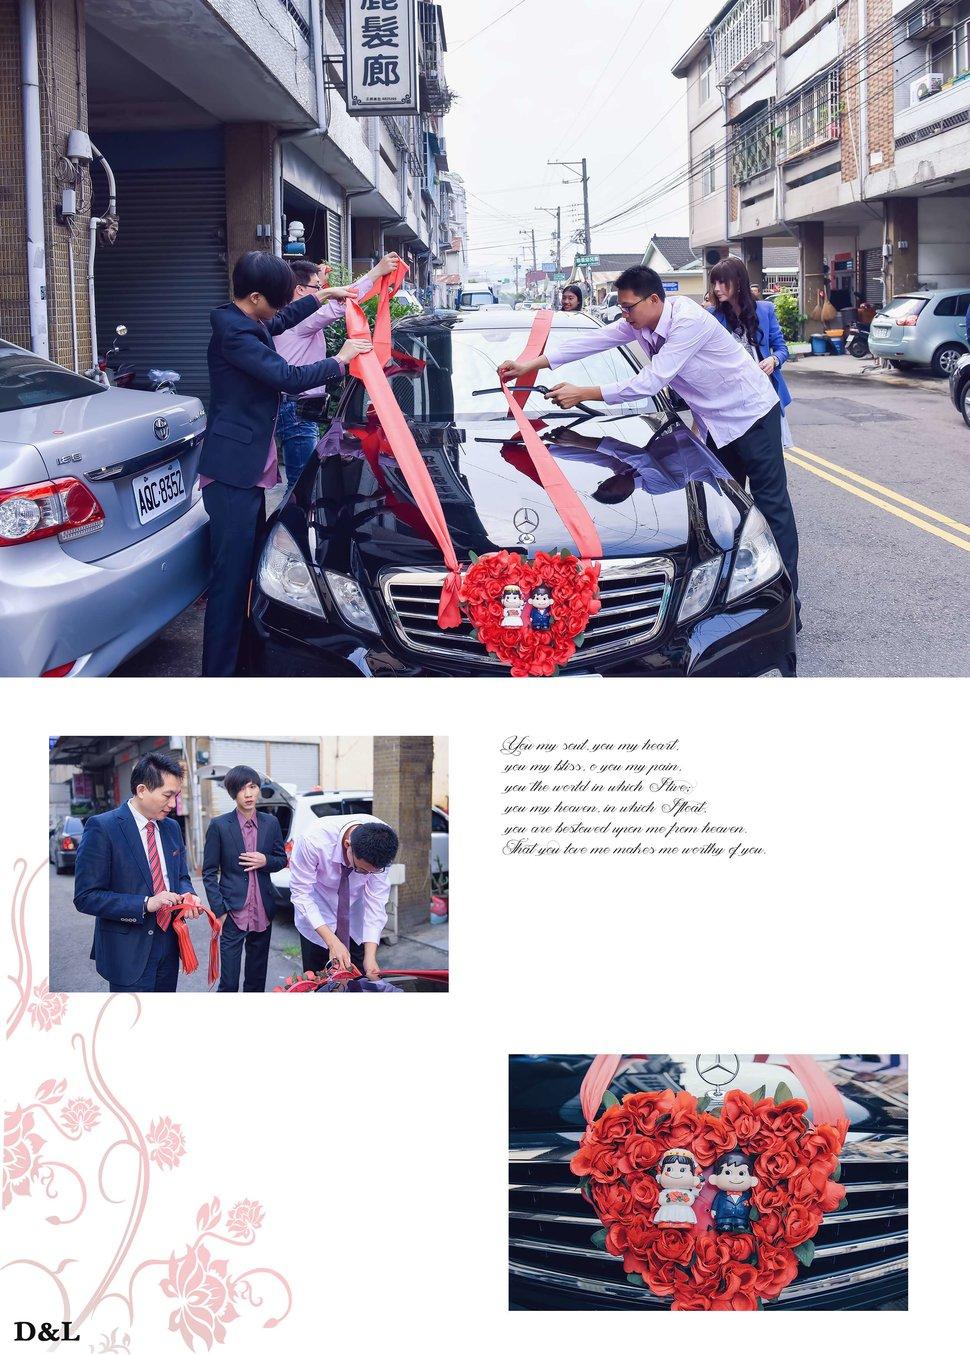 台中婚攝 婚禮記錄 錦全&昀臻-大和屋國際美食館大里(編號:6107) - D&L 婚禮事務-婚紗攝影/婚禮記錄 - 結婚吧